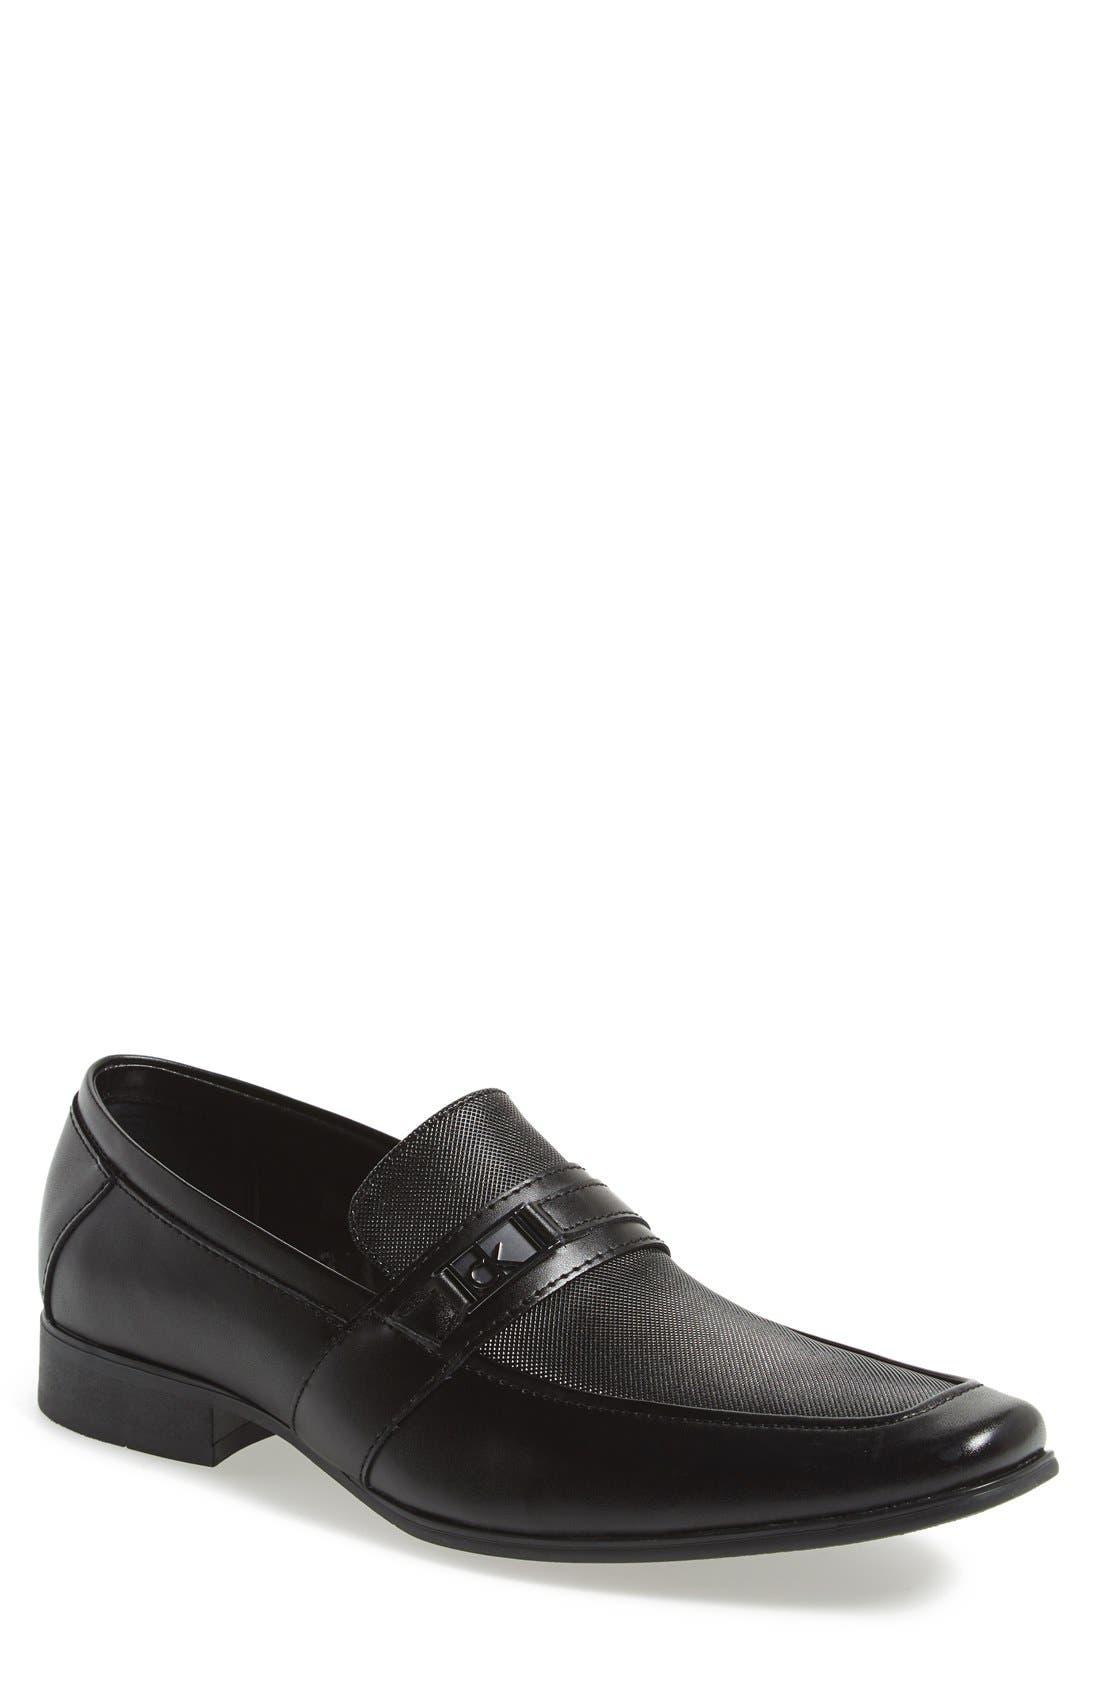 'Bartley' Bit Loafer,                         Main,                         color, Black